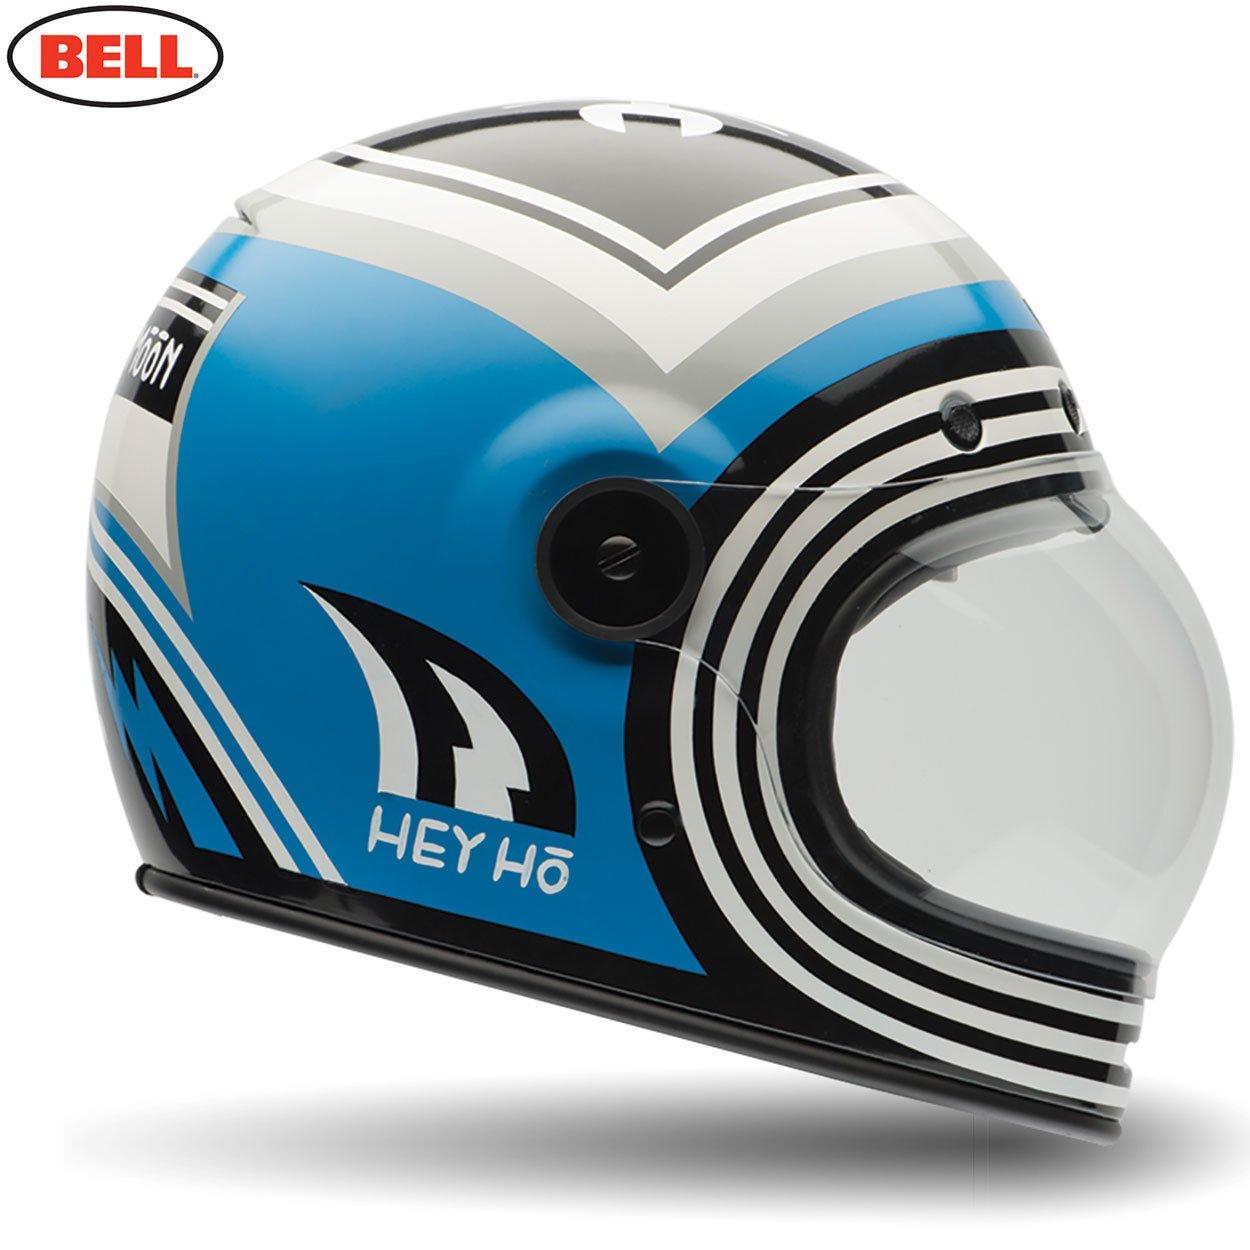 Bell Motorradhelme Street 2015 Bullitt SE Adult Helm Small Barn Fresh Hey Ho